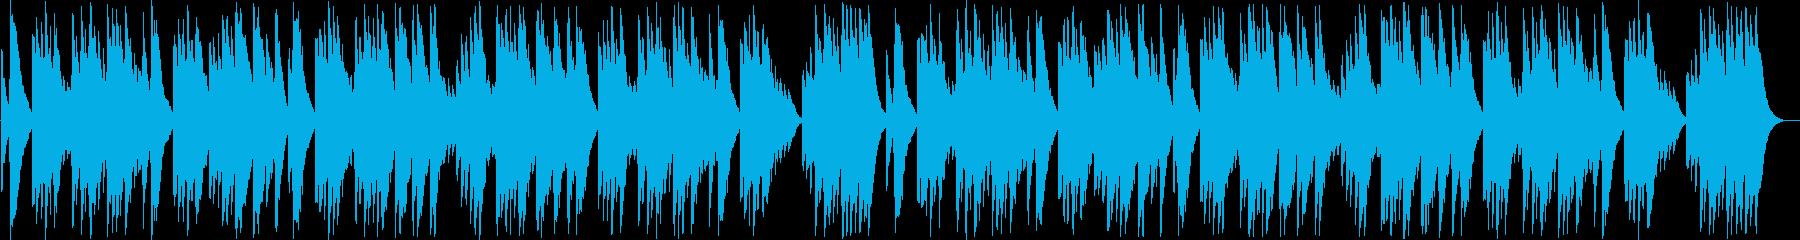 トロイメライ / シューマンの再生済みの波形